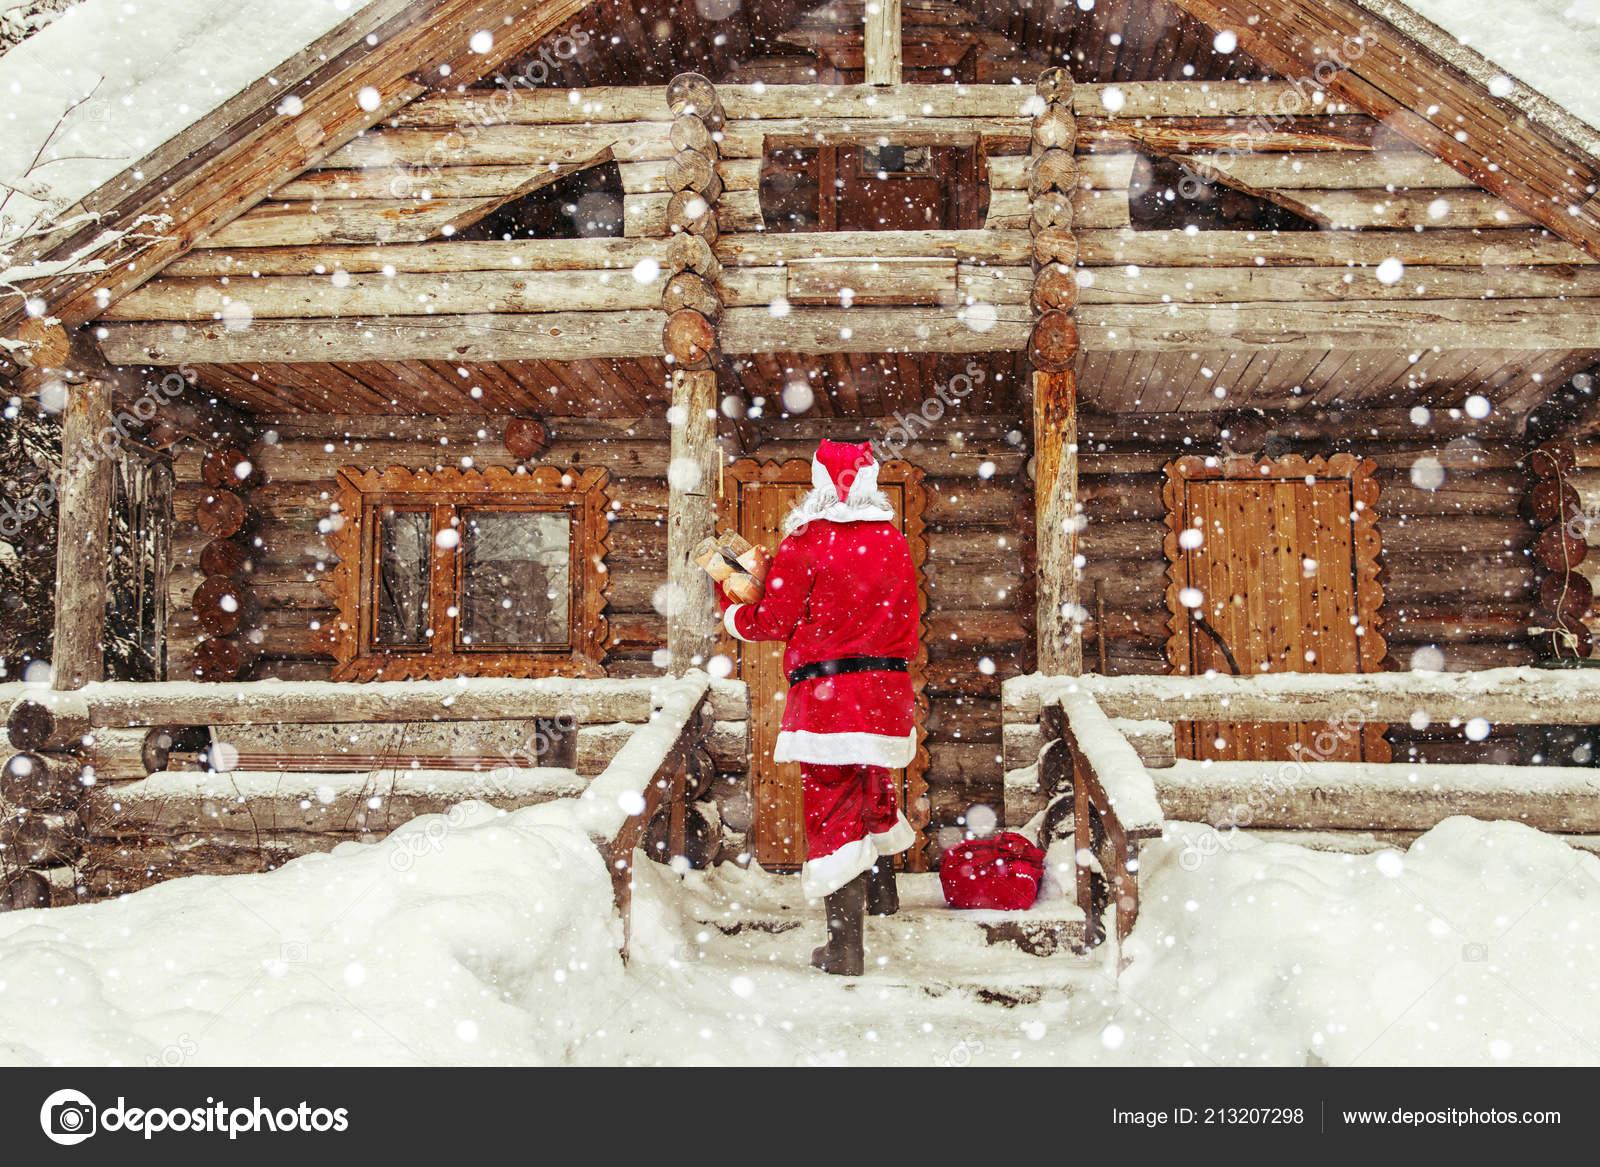 Casa Di Babbo Natale Al Polo Nord.Vita Quotidiana Babbo Natale Casa Babbo Natale Polo Nord